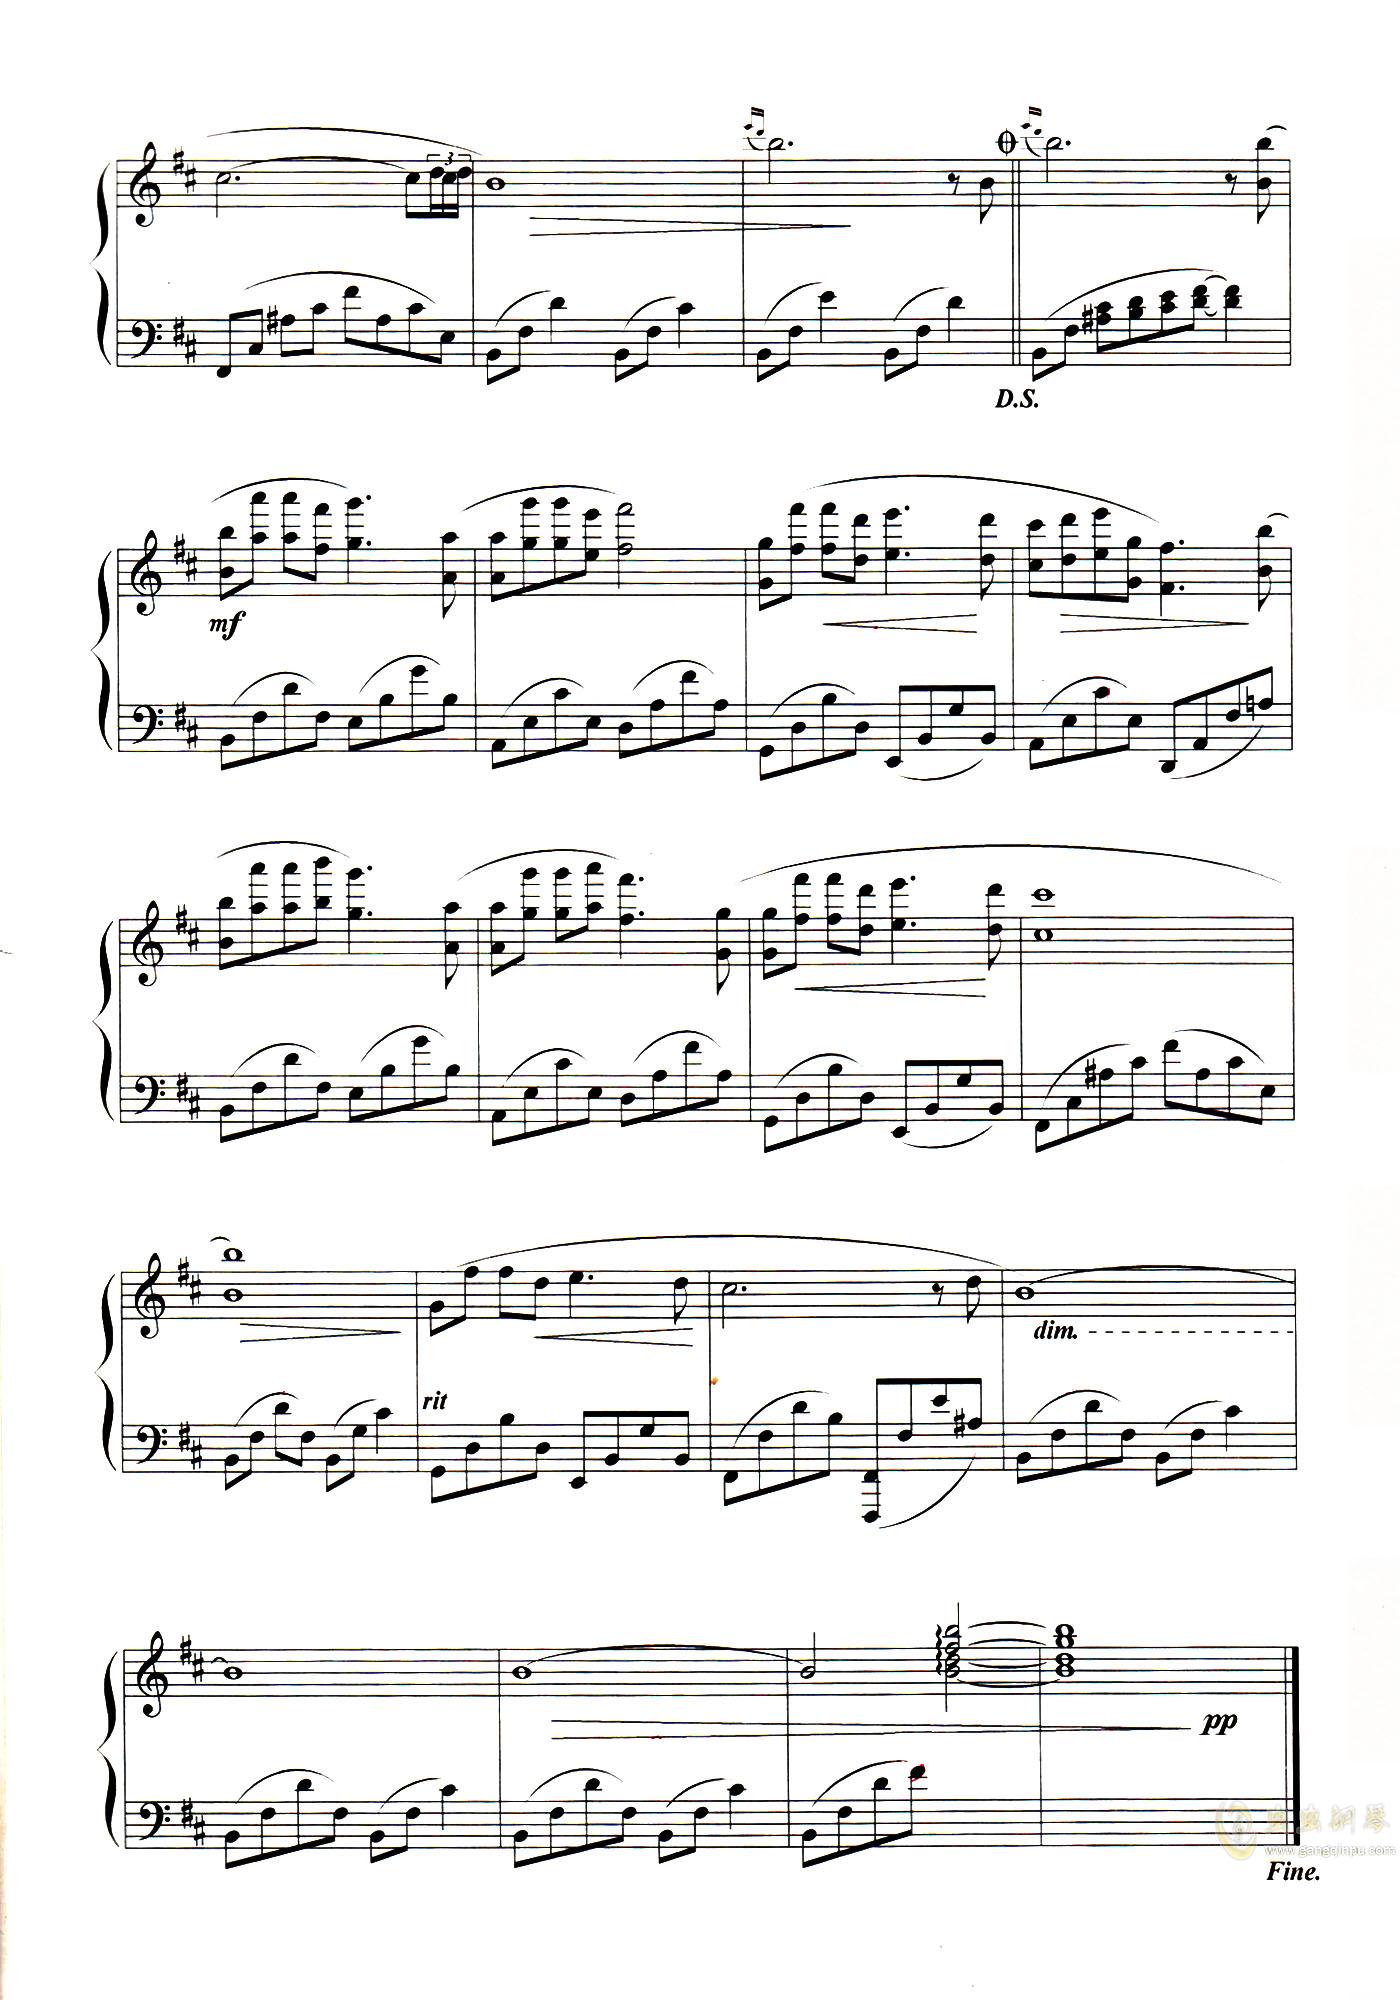 夏康舞曲钢琴谱 第2页